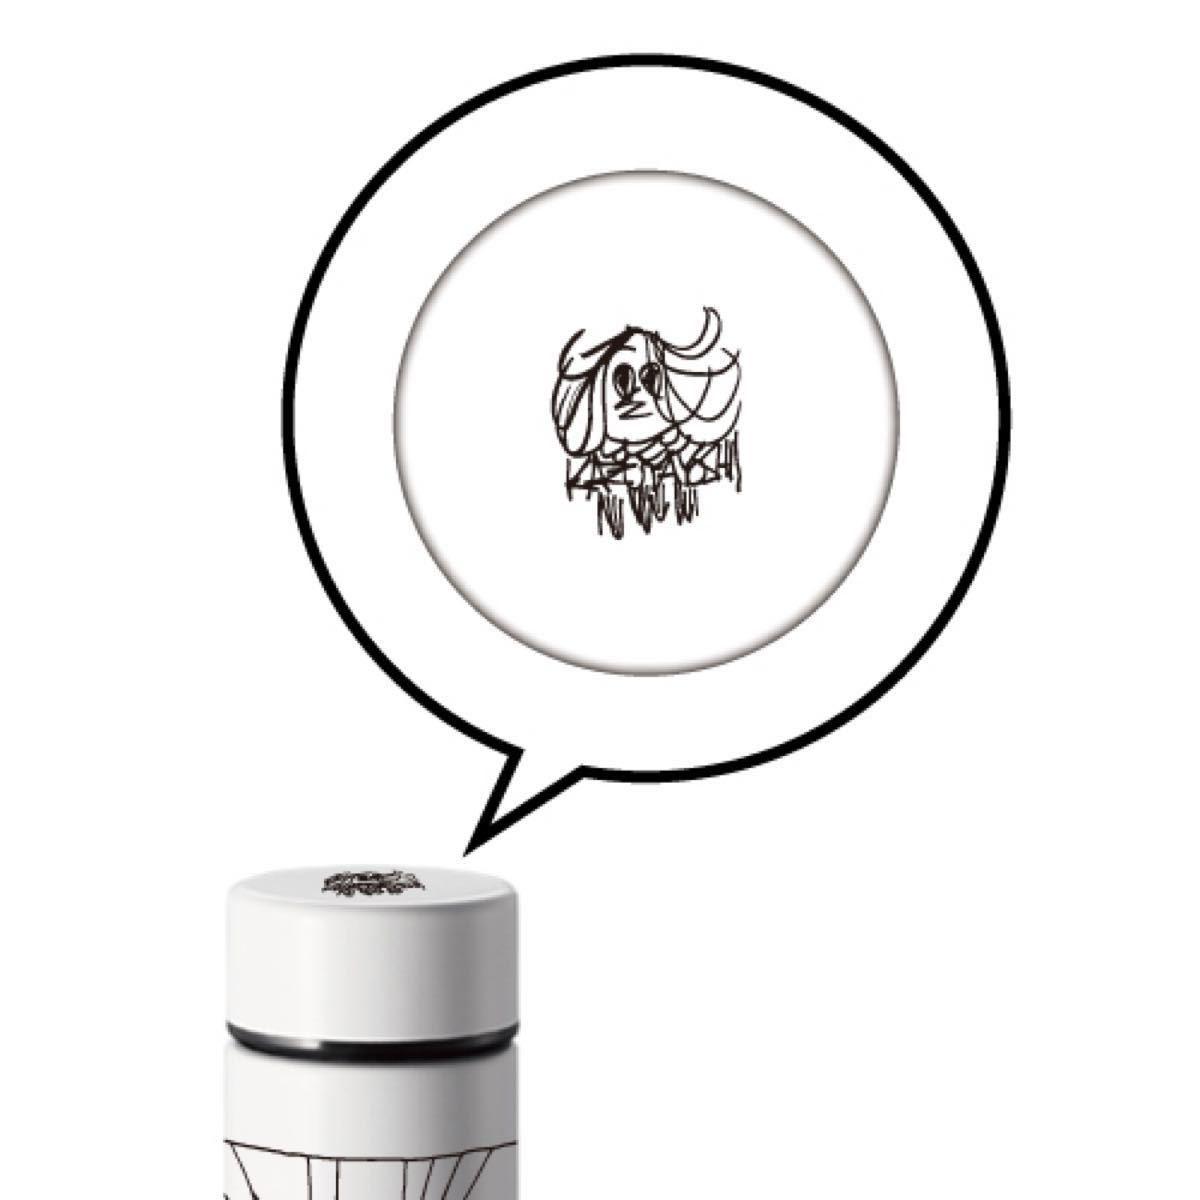 ポケットインサーモボトル | UTANOBA | 吉井和哉 ステンレスボトル 水筒|オマケつき